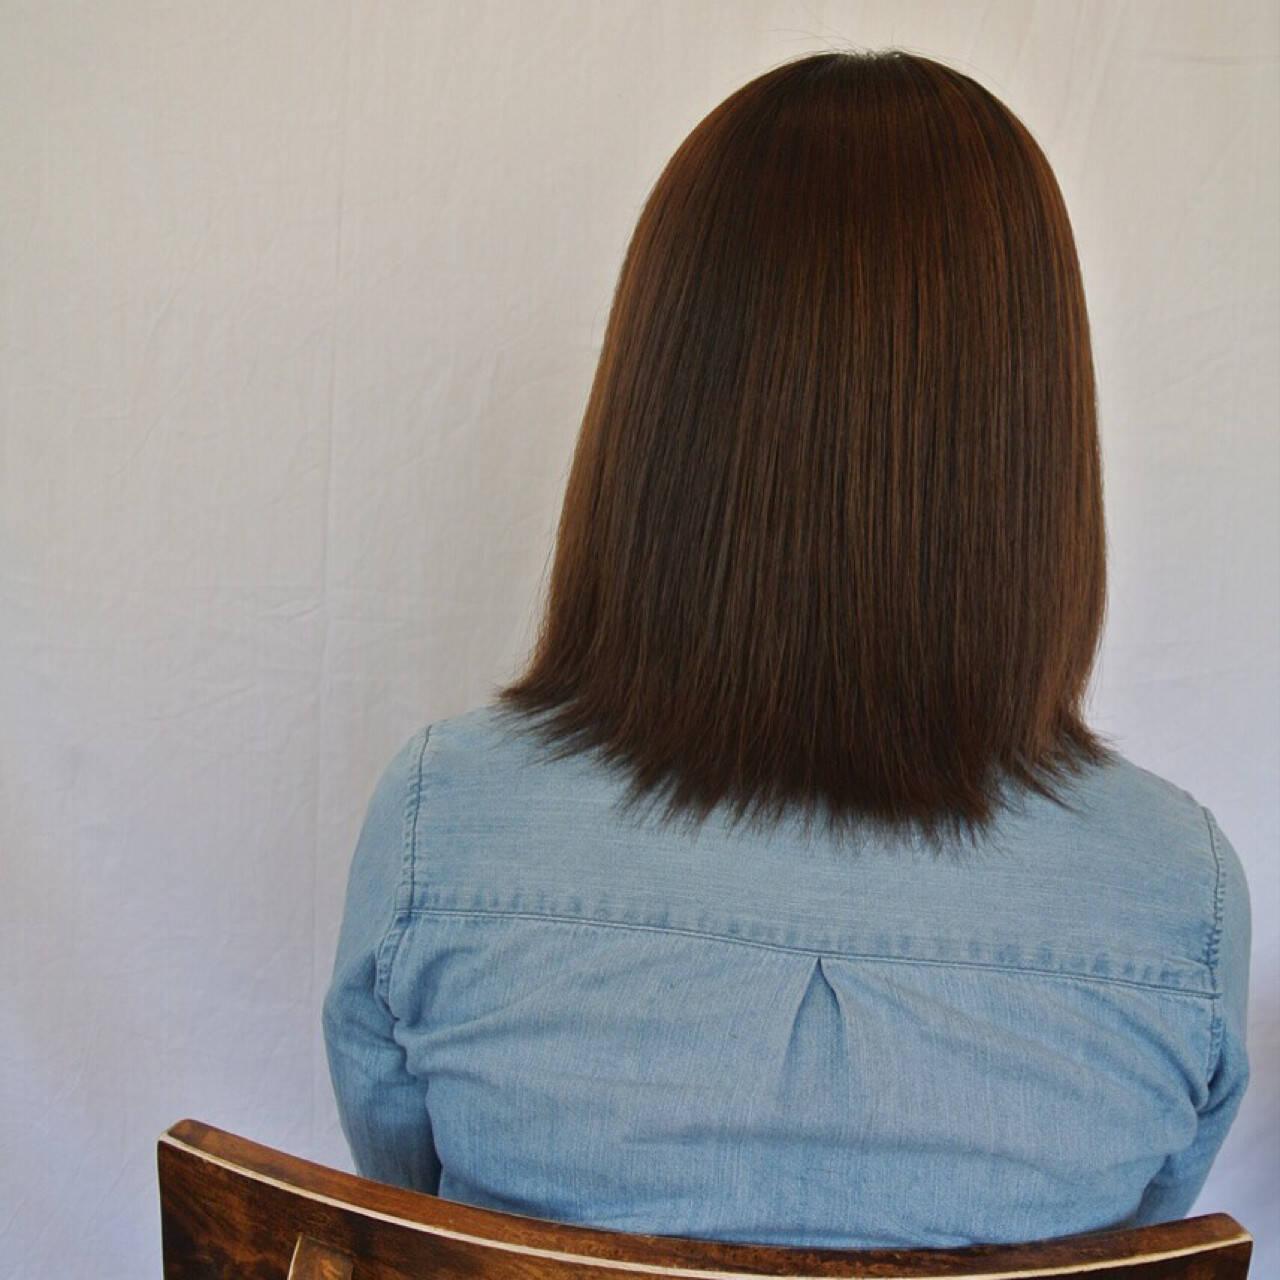 ミディアム ナチュラル パーマ 縮毛矯正ヘアスタイルや髪型の写真・画像